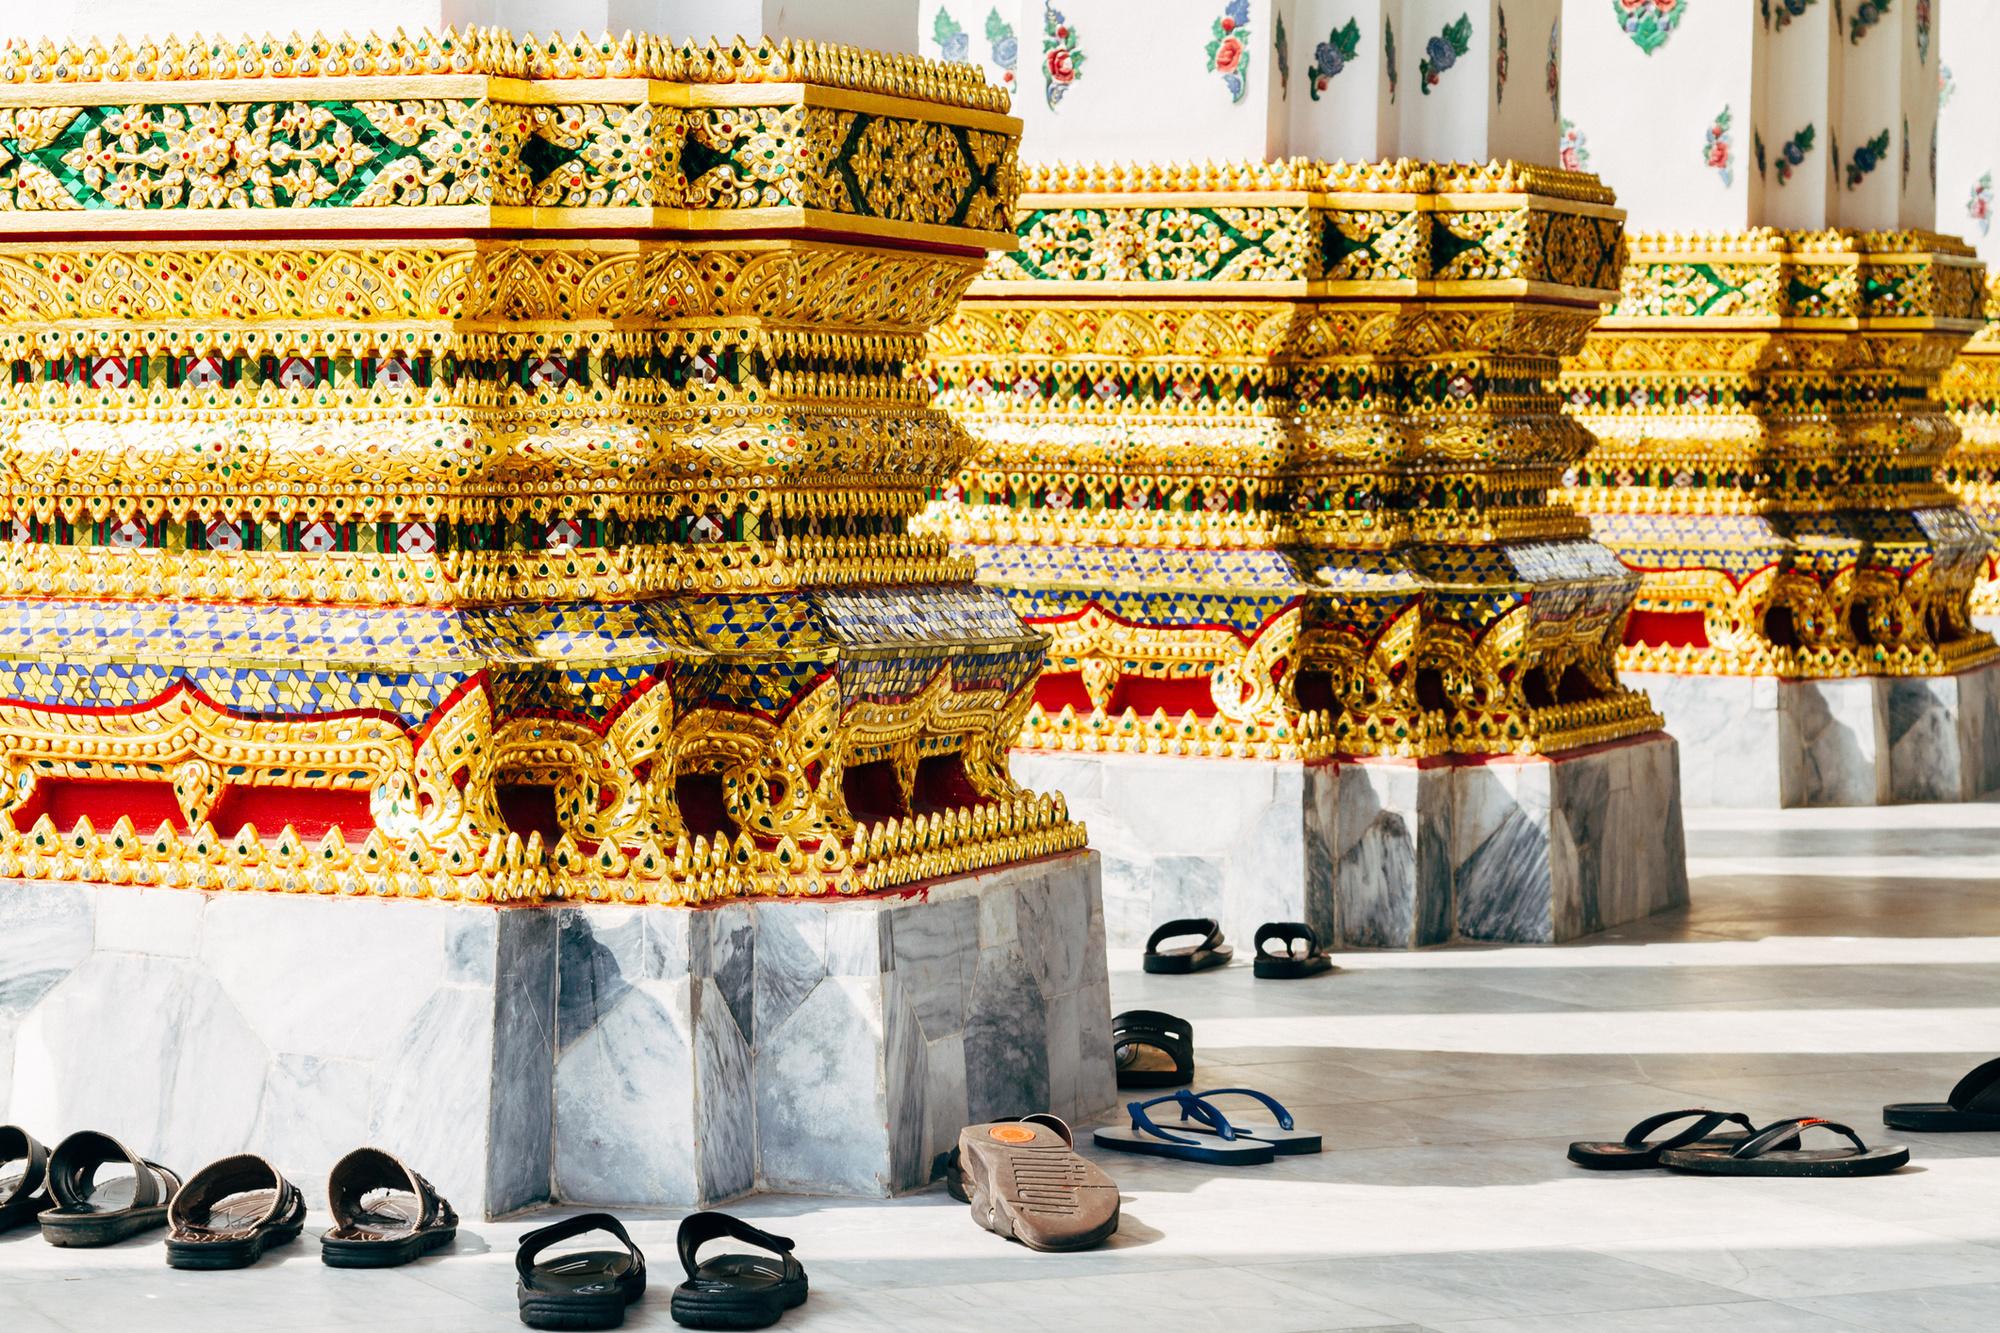 Schoenen voor een tempel in Thailand, Getty